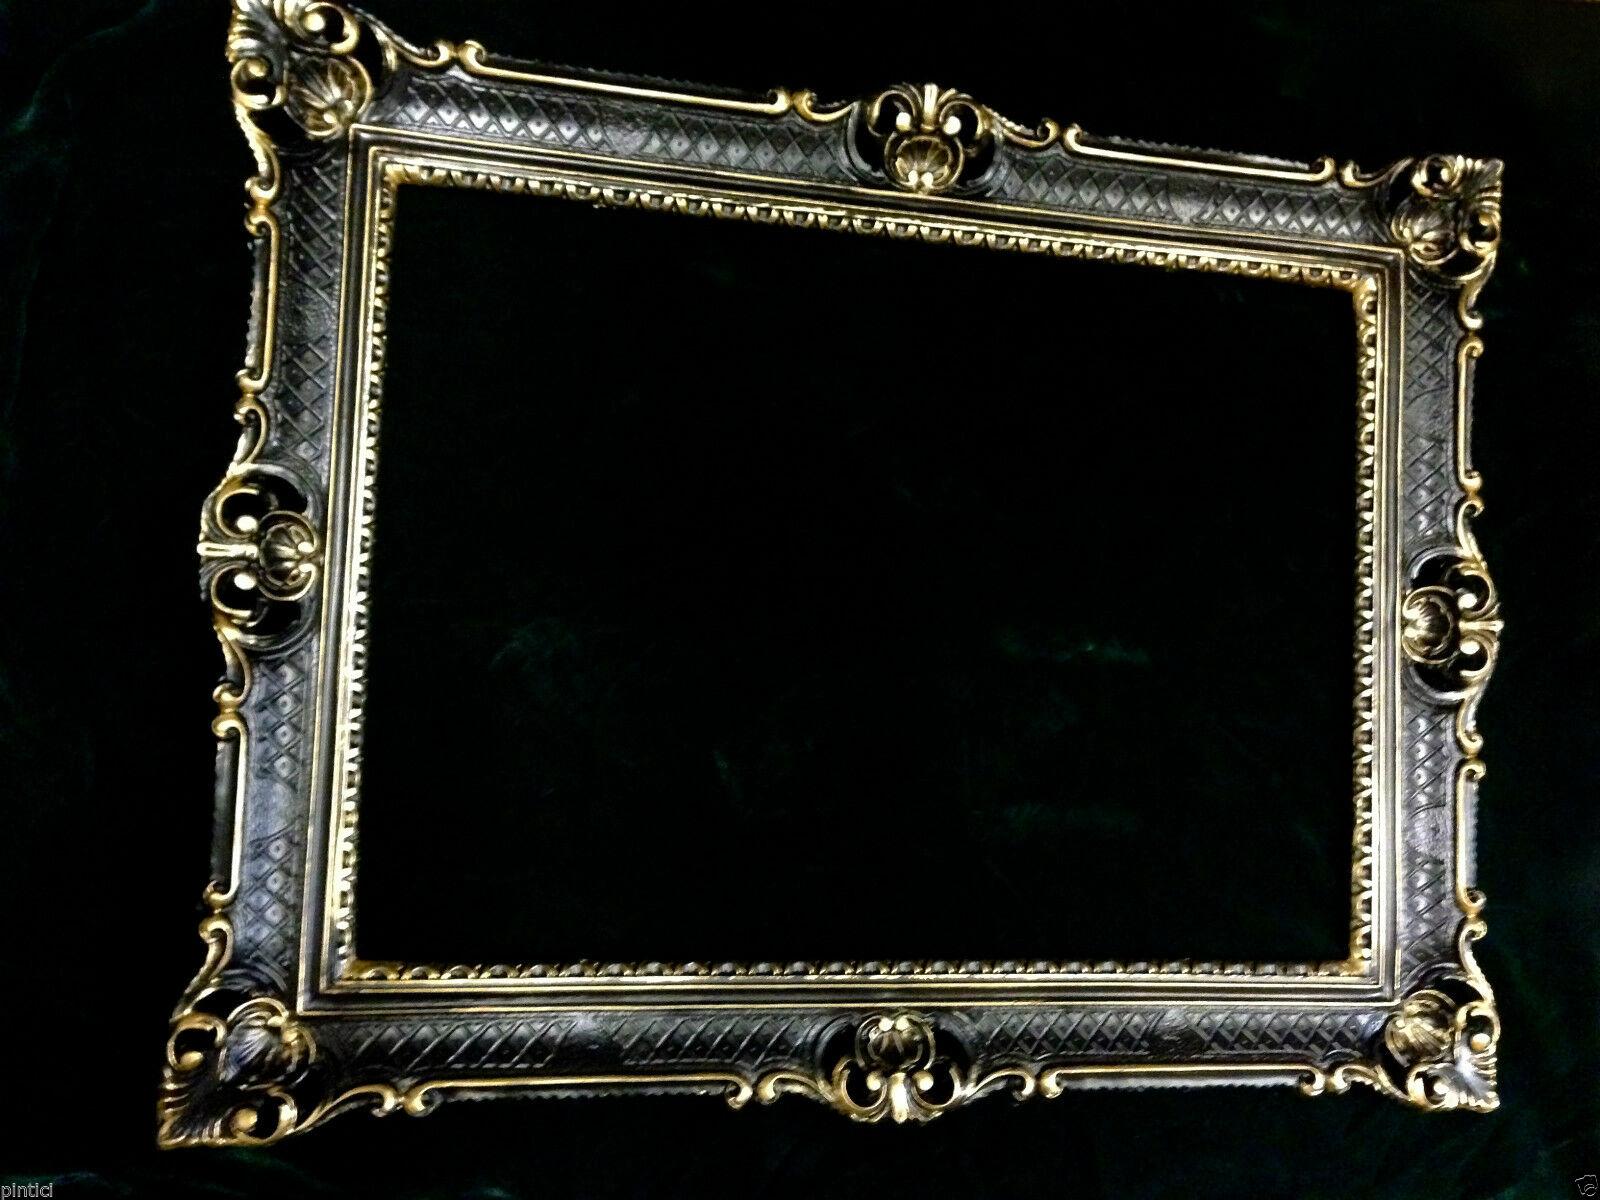 bilderrahmen schwarz gold fotorahmen barock antik hochzeitsrahmen 90x70 prunk kaufen bei. Black Bedroom Furniture Sets. Home Design Ideas